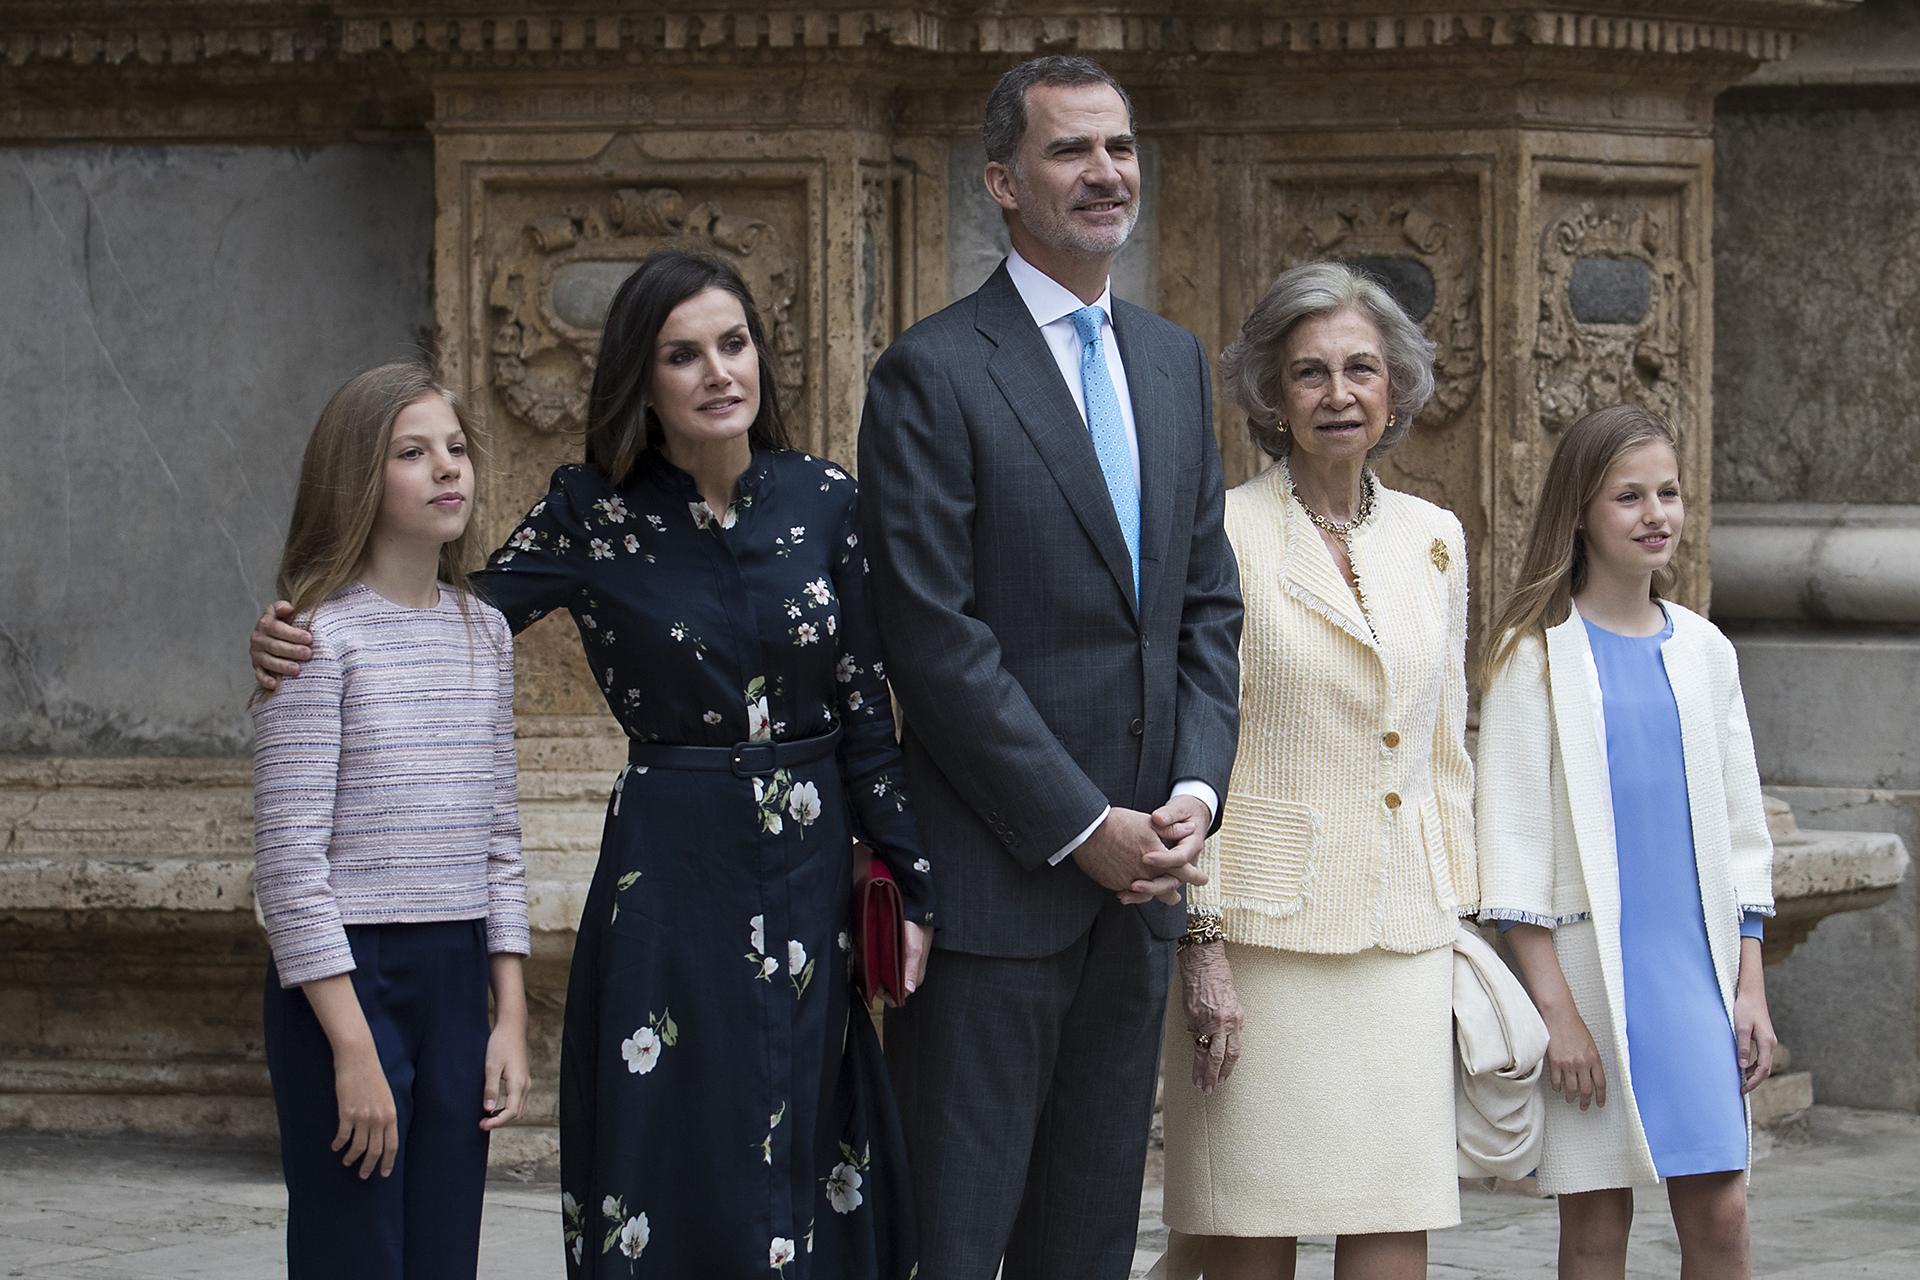 Los monarcas junto a sus hijas, Sofía y Leonor, y la reina emérita Sofía